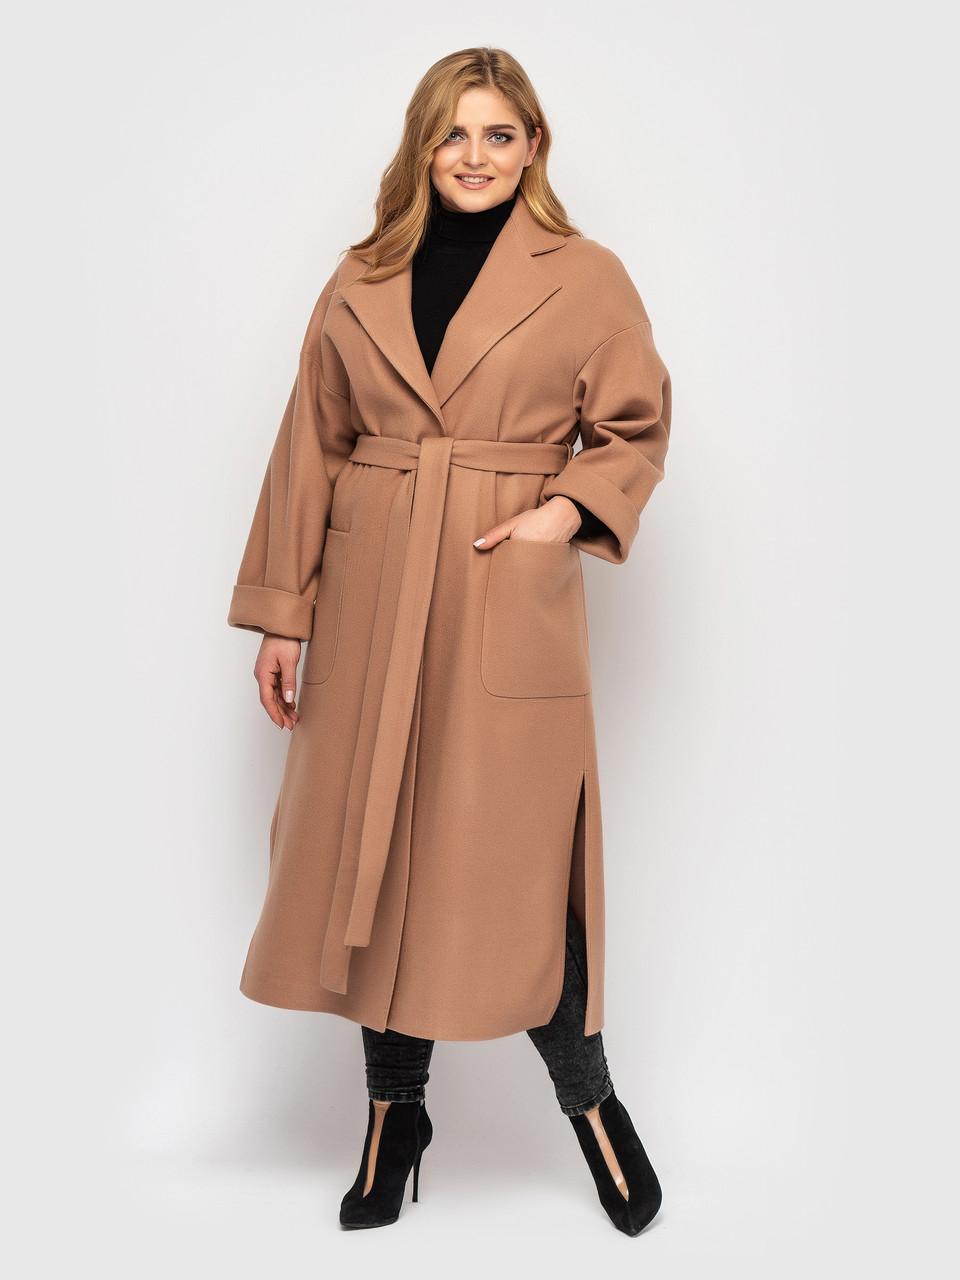 Пальто женское  свободного стиля Алеся беж  Vlavi